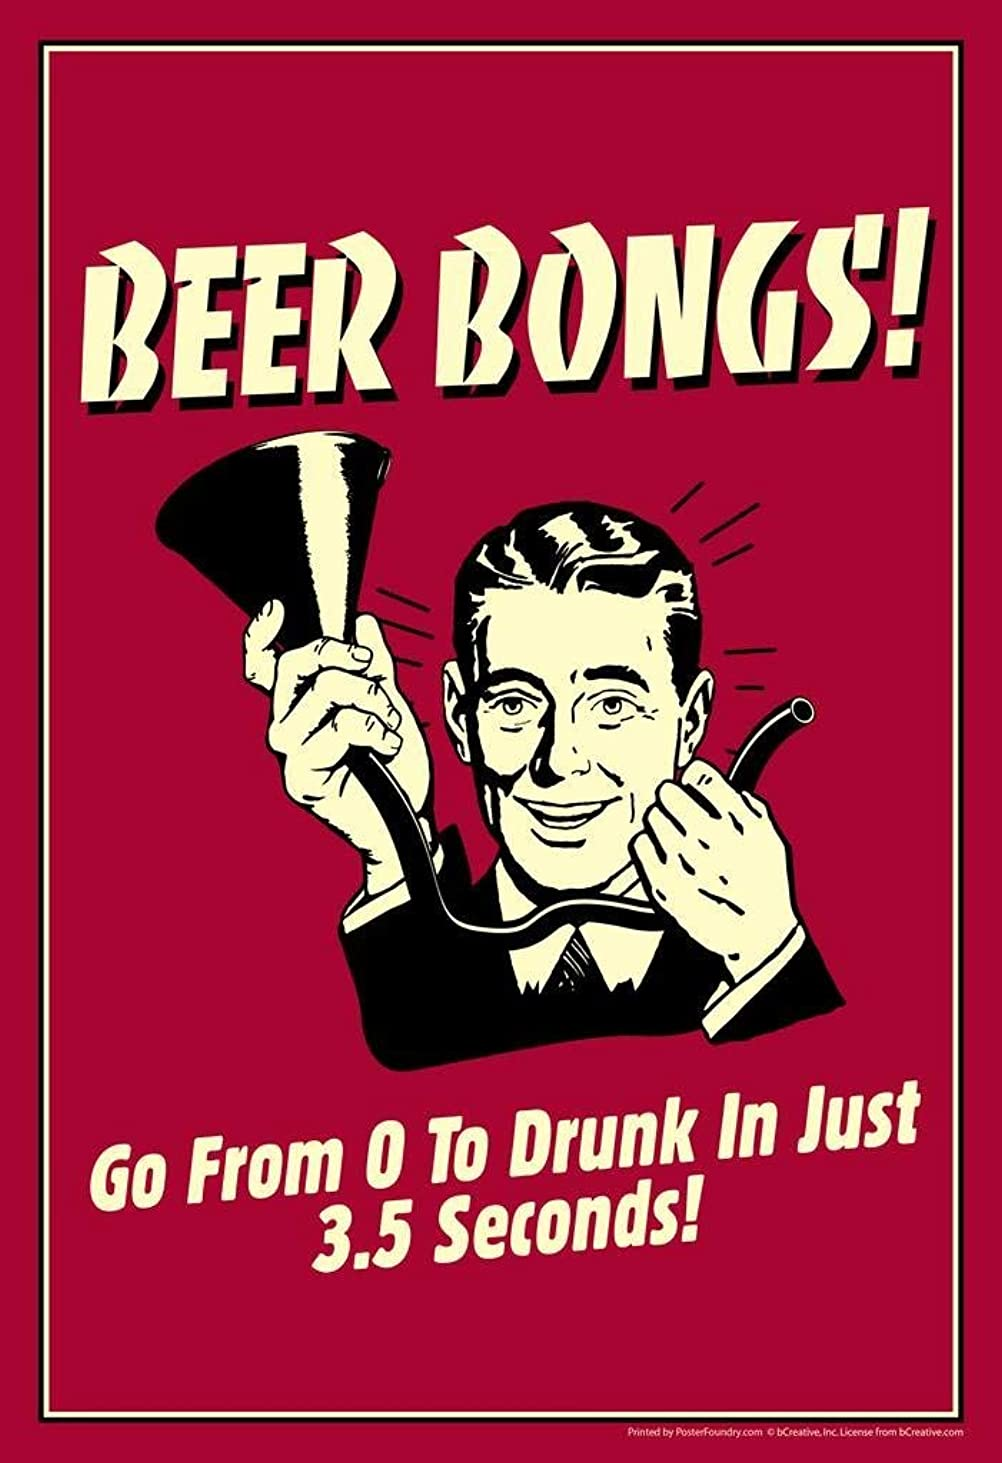 はしご震えるエミュレートするHypothesis Beer Bongs! from 0 to Drunk in Just 3.5 Seconds! Retro Humor 壁の装飾用の30x40cmティンサインポスター ブリキ看板